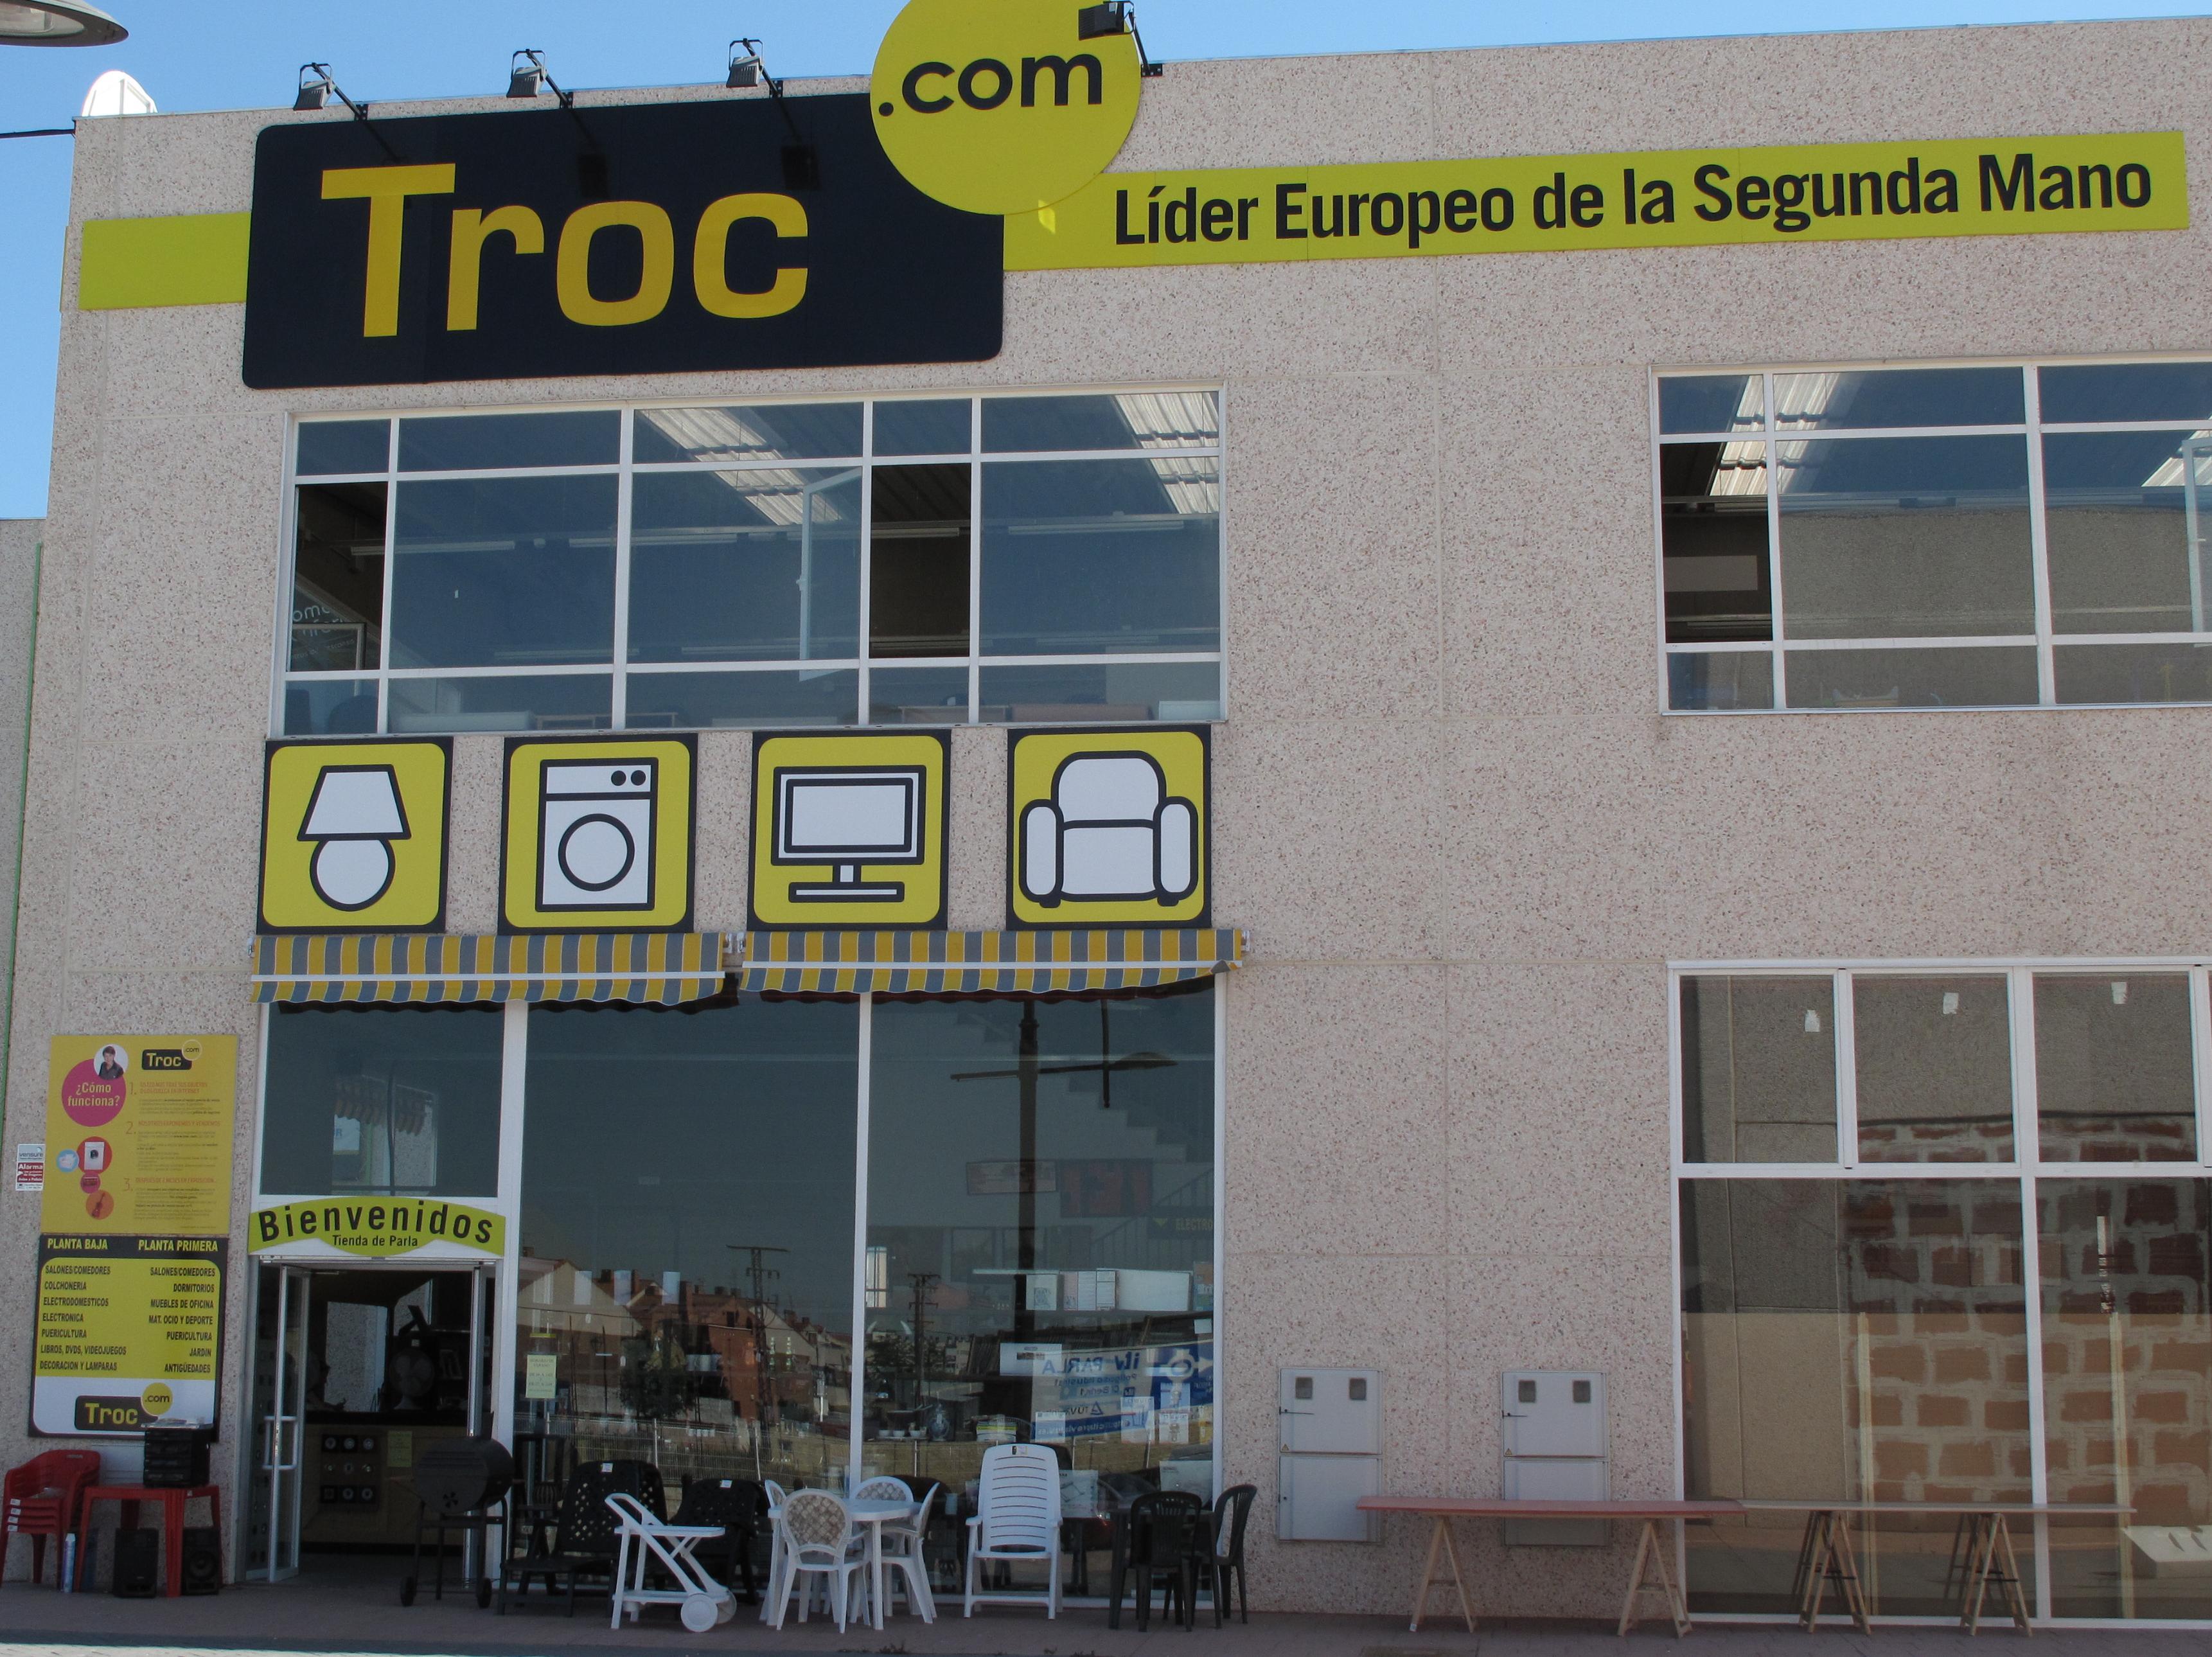 Foto 7 De Venta De Art Culos De Segunda Mano En Parla Troc Com ~ Venta Muebles Segunda Mano Madrid